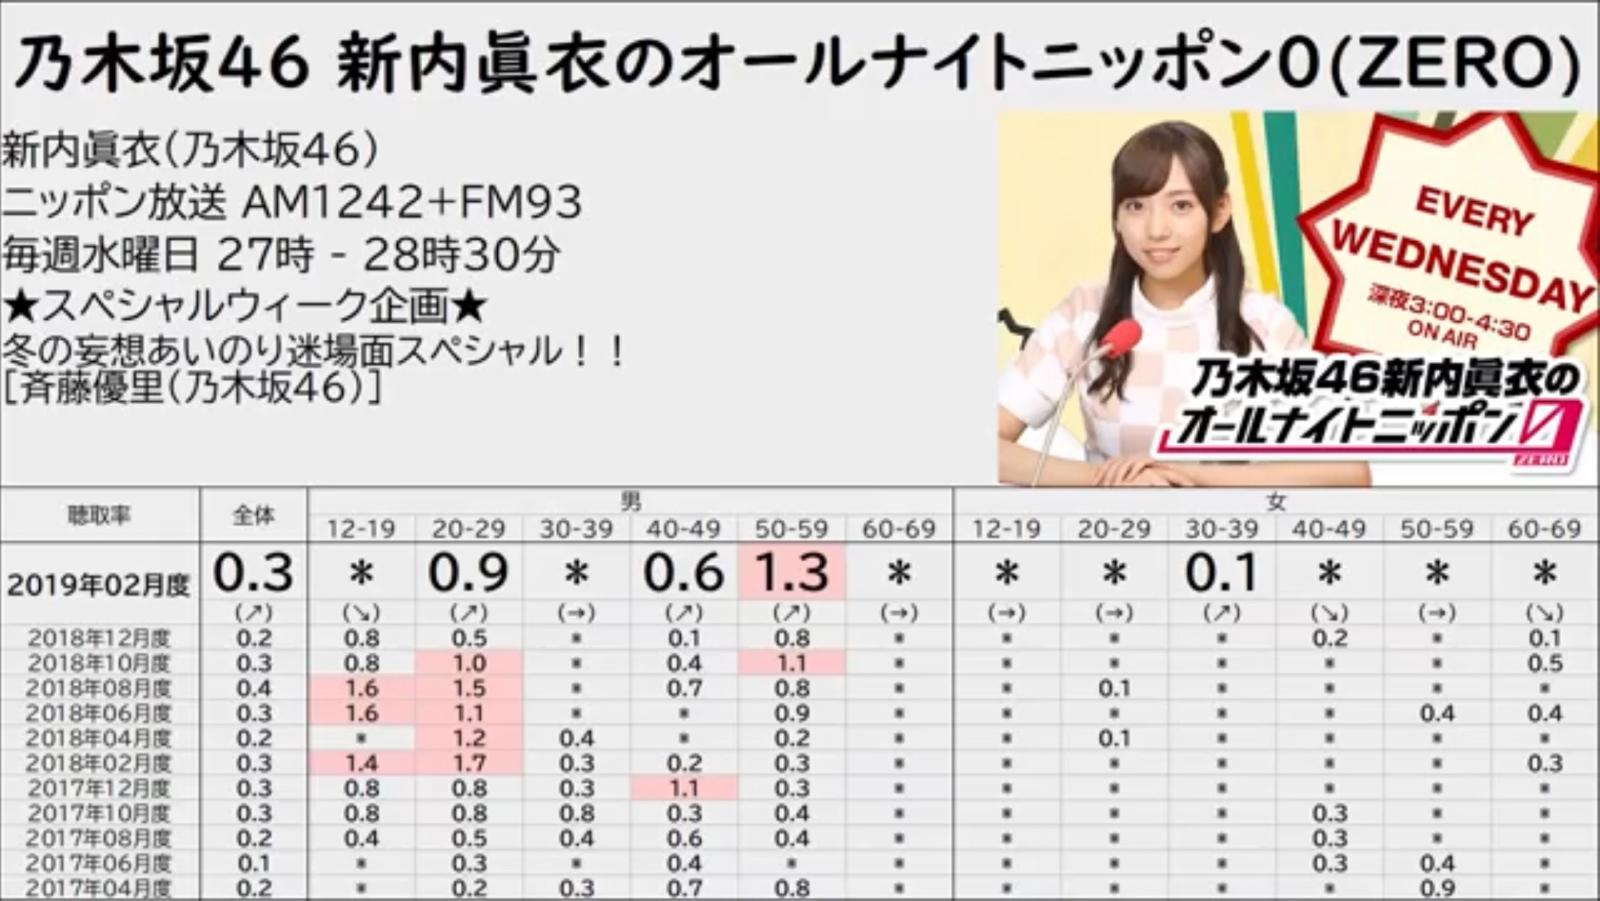 「乃木坂新内ANN0」2019年2月聴取率